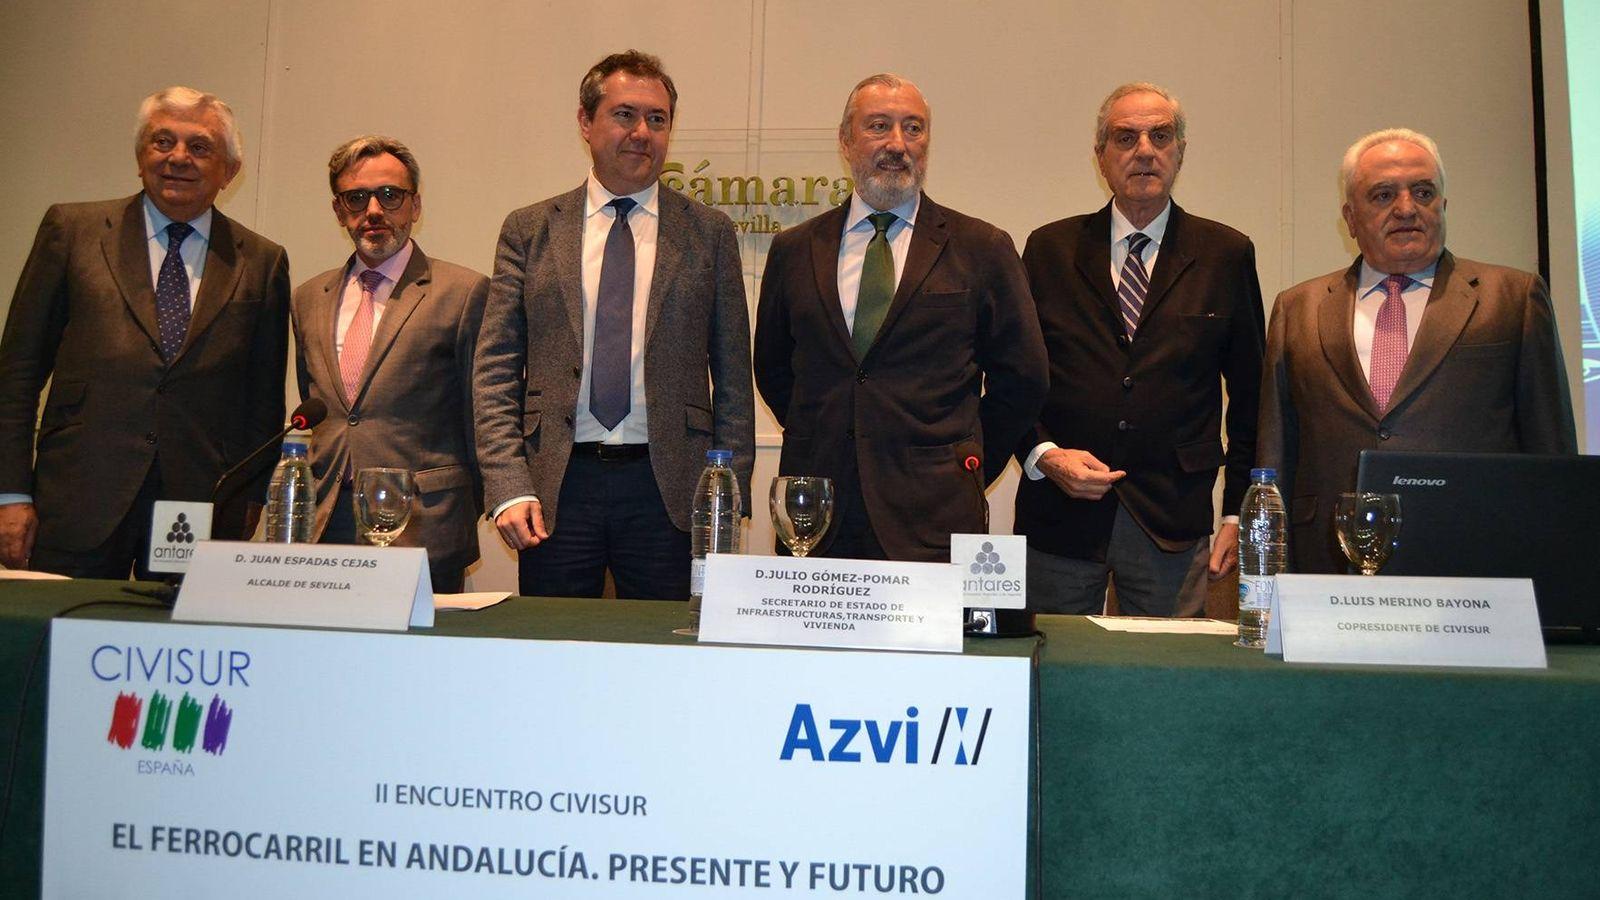 Foto: Directivos de Azvi, Civisur y la Cámara de Sevilla, junto al alcalde de la ciudad y el secretario de Estado de Infraestructuras. (Azvi)